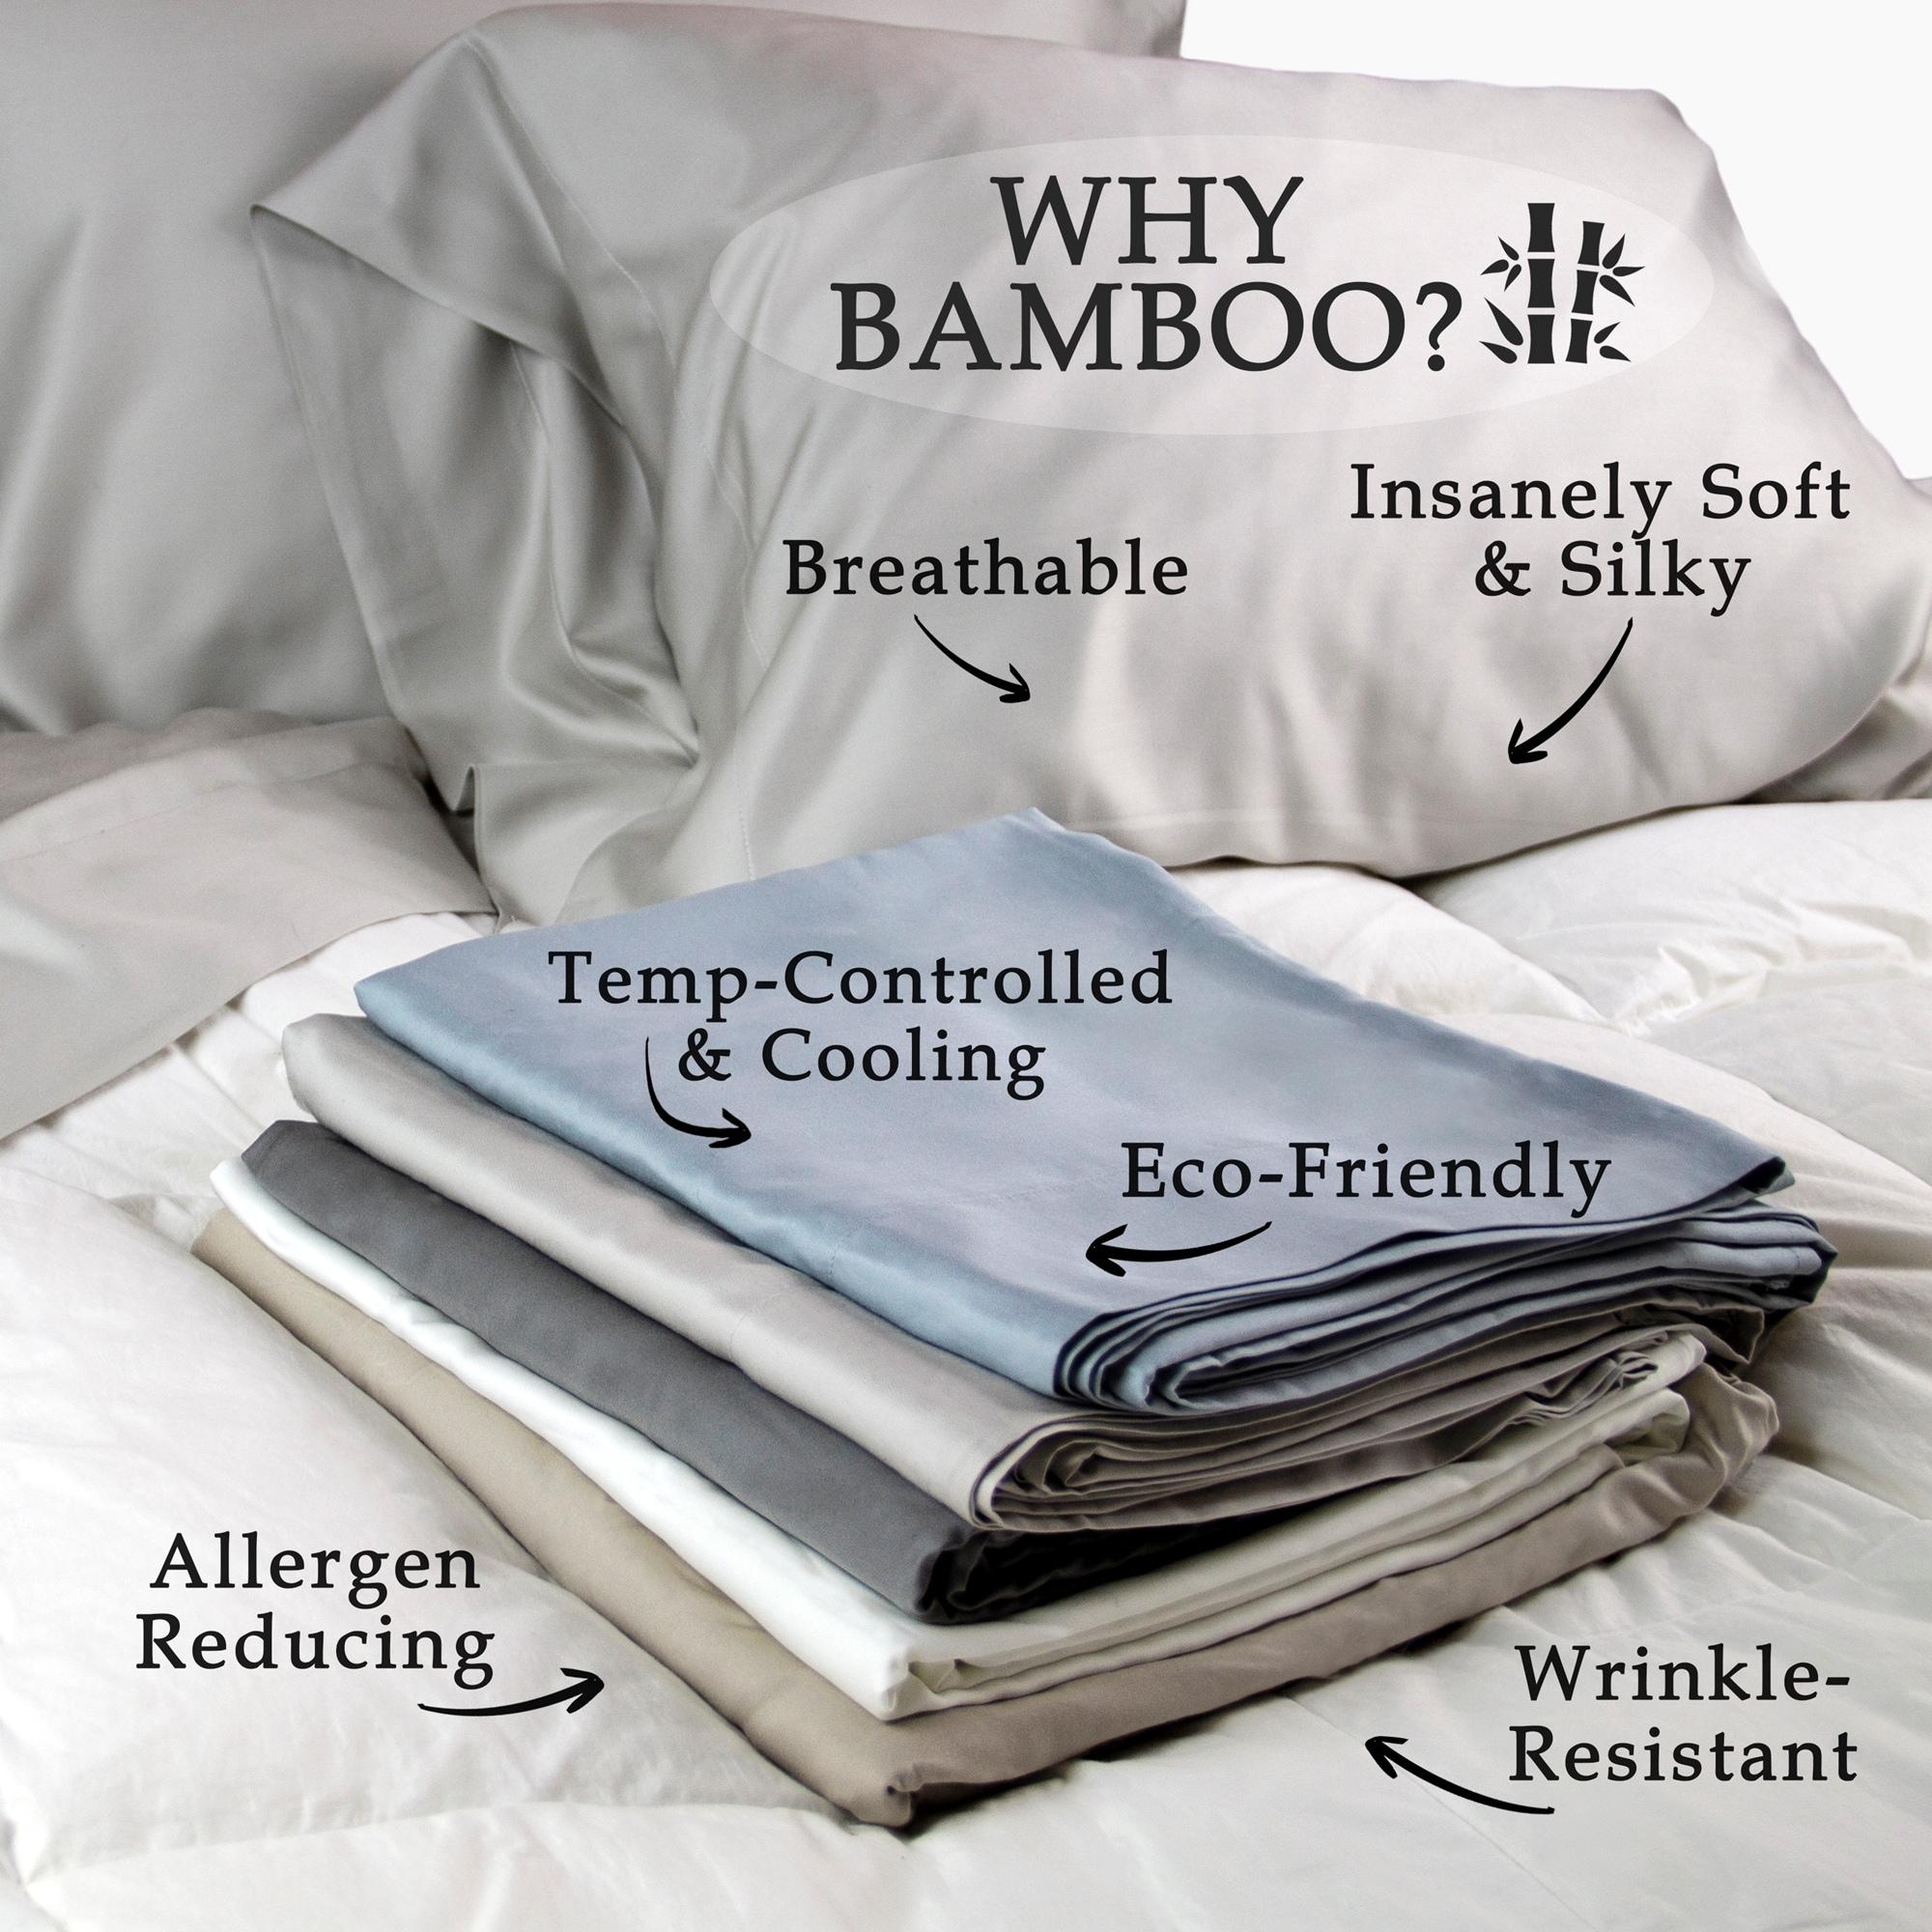 100 Sa Bamboo Sheets Set Pillow Cases Top Sheet And Ed Free Shipping Today 26444219